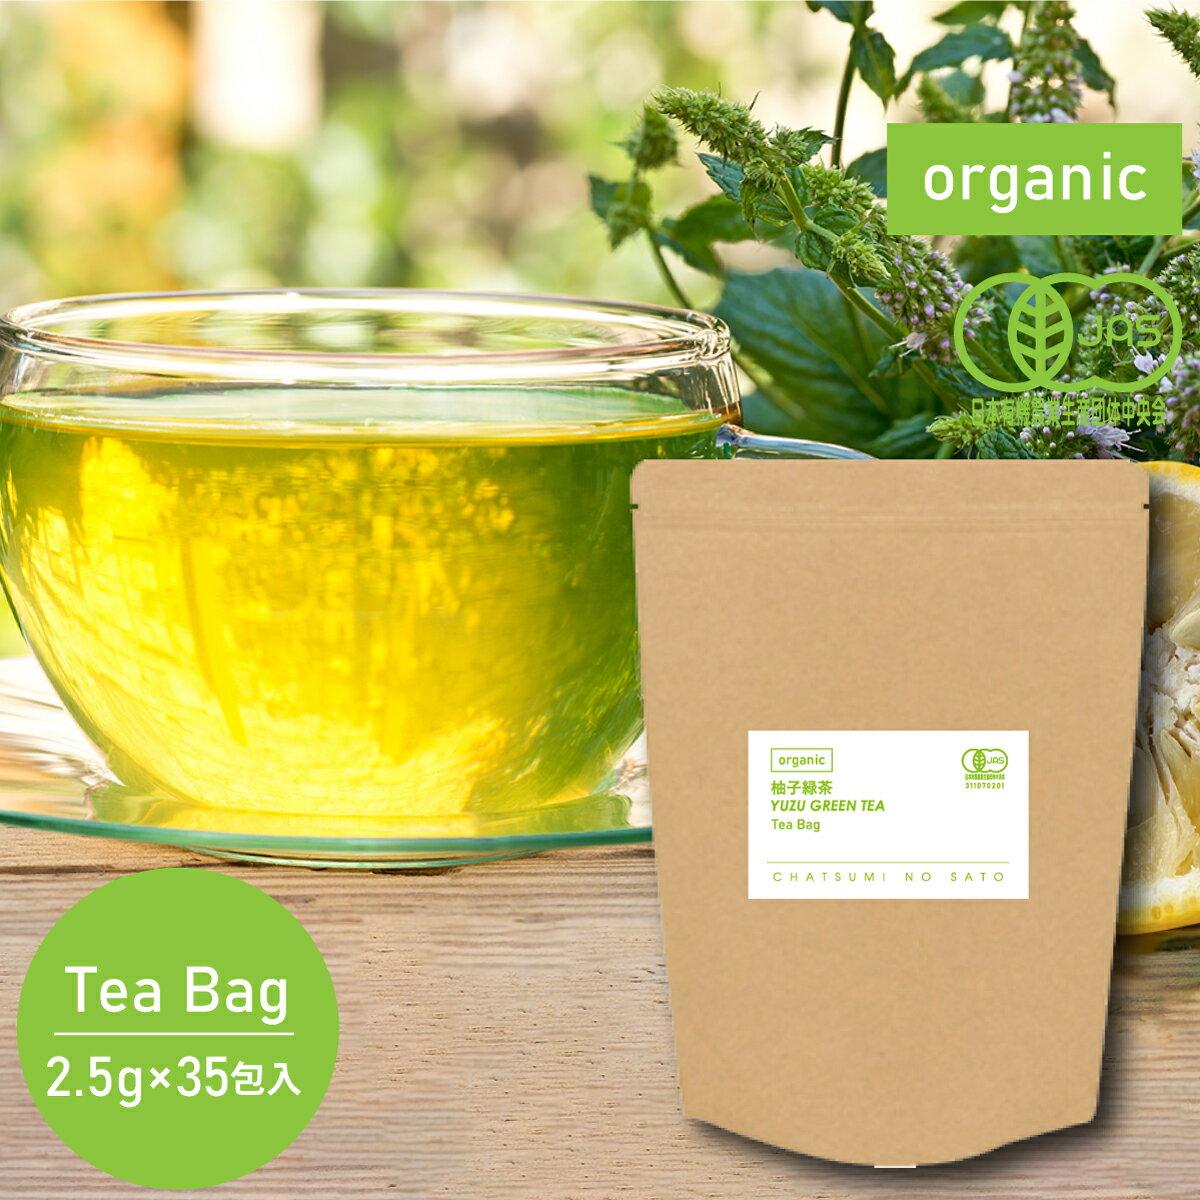 オーガニック柚子緑茶